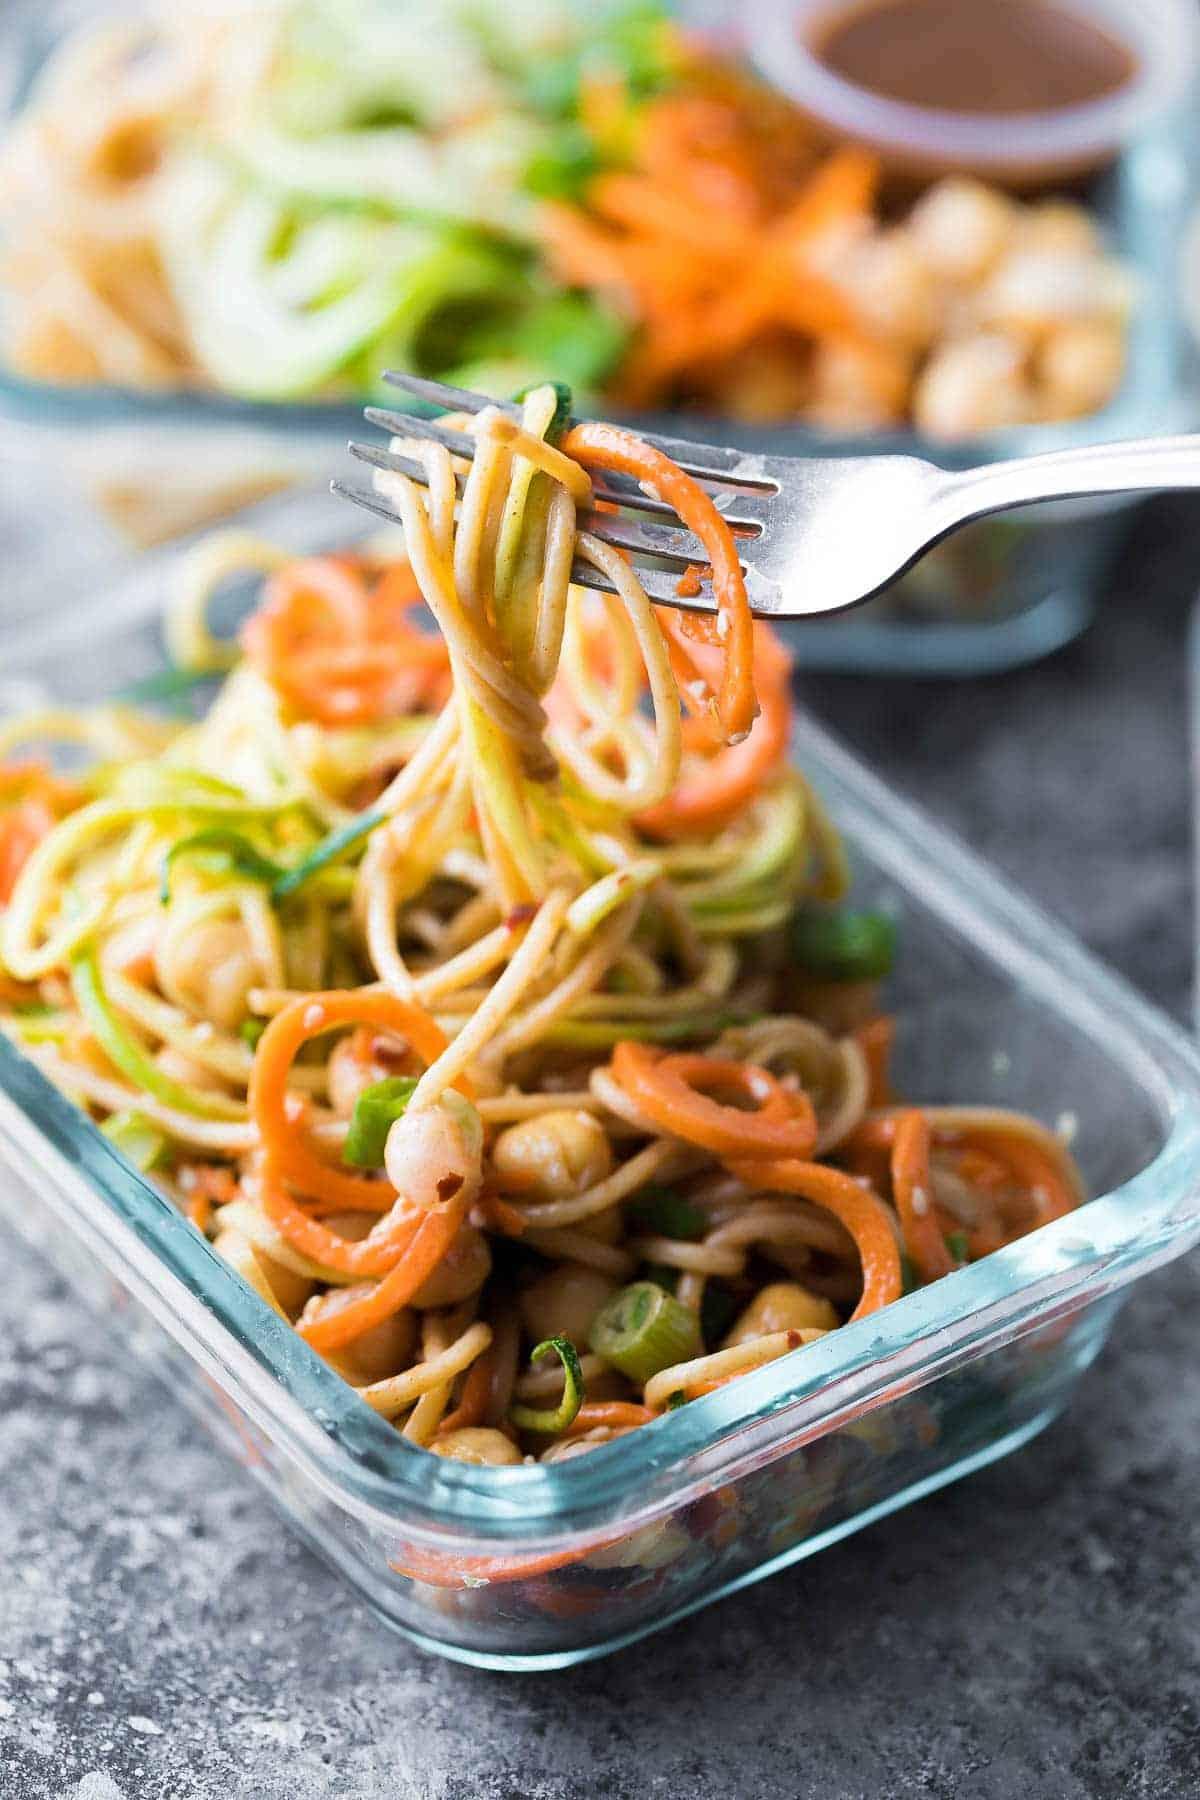 fork picking up a bite of Cold Sesame Noodles